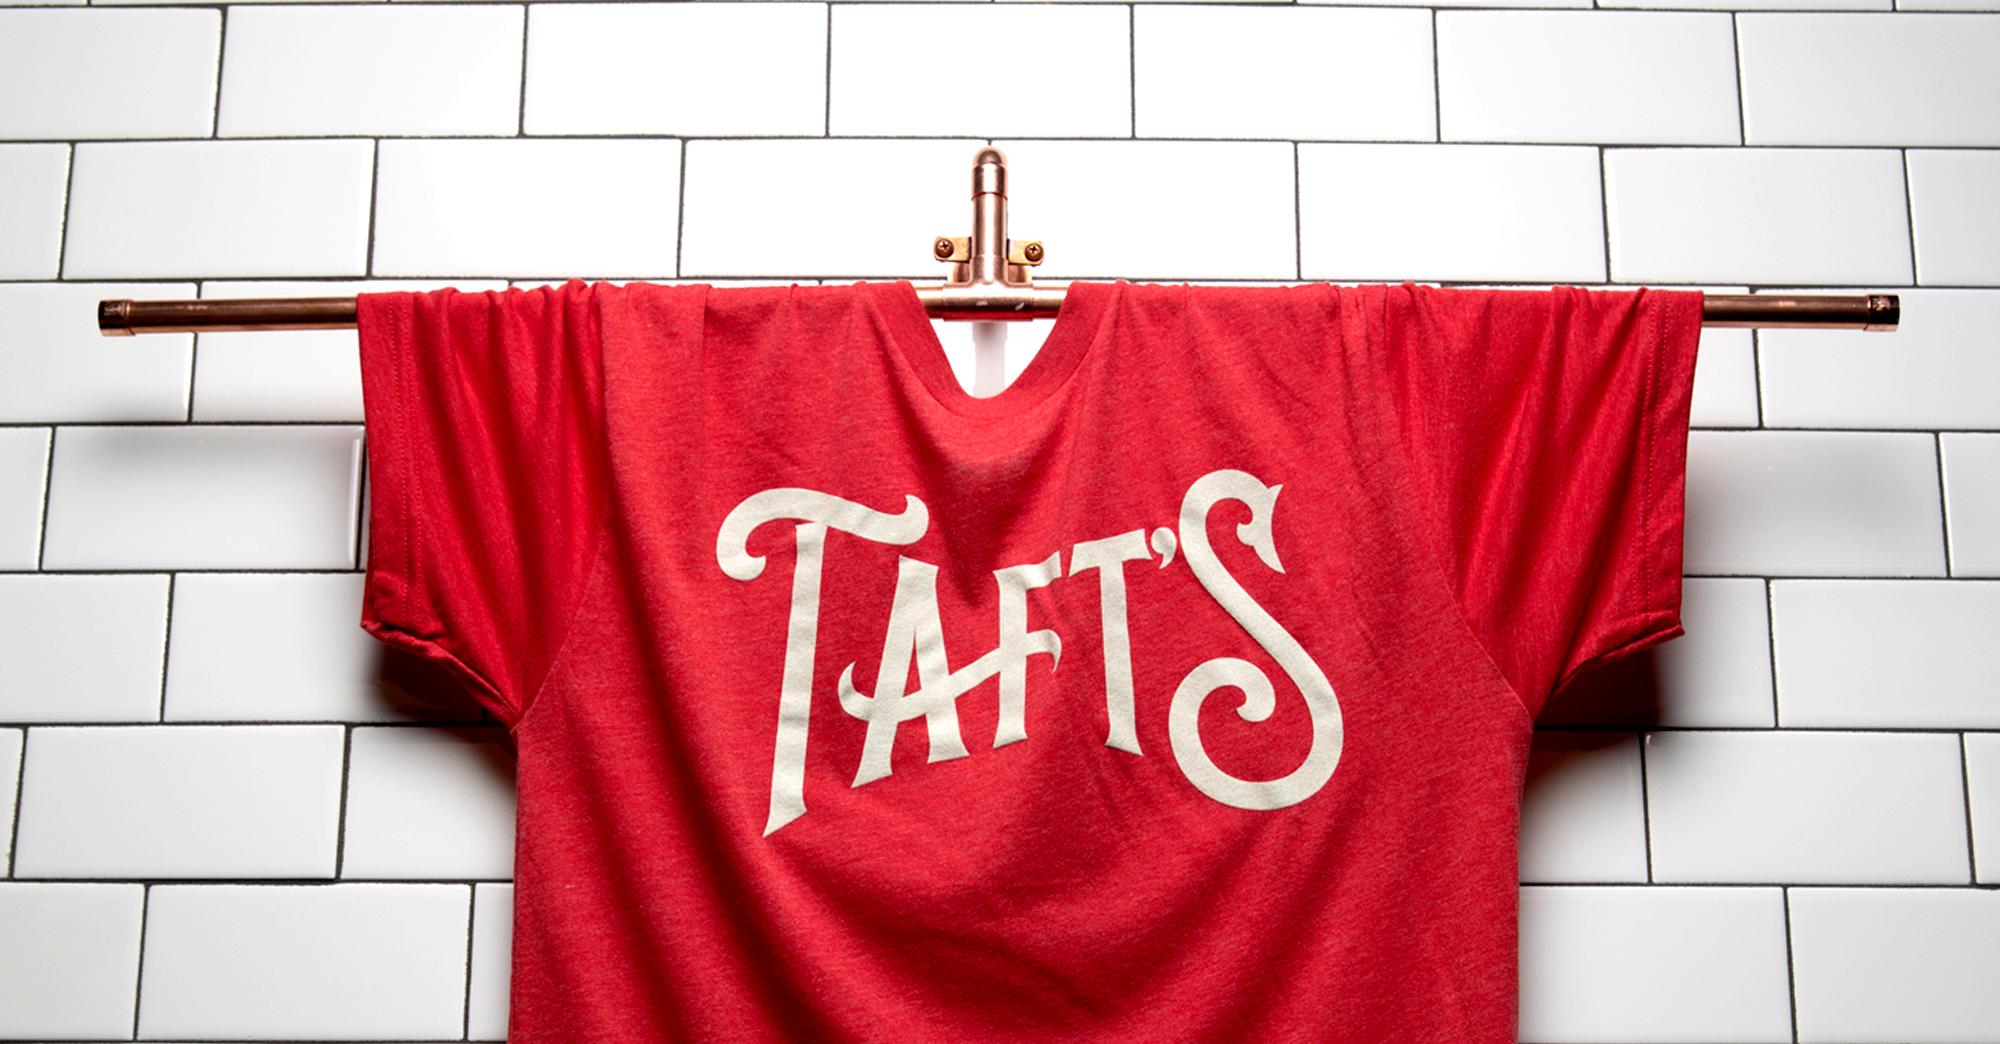 Tafts_script_feature.png